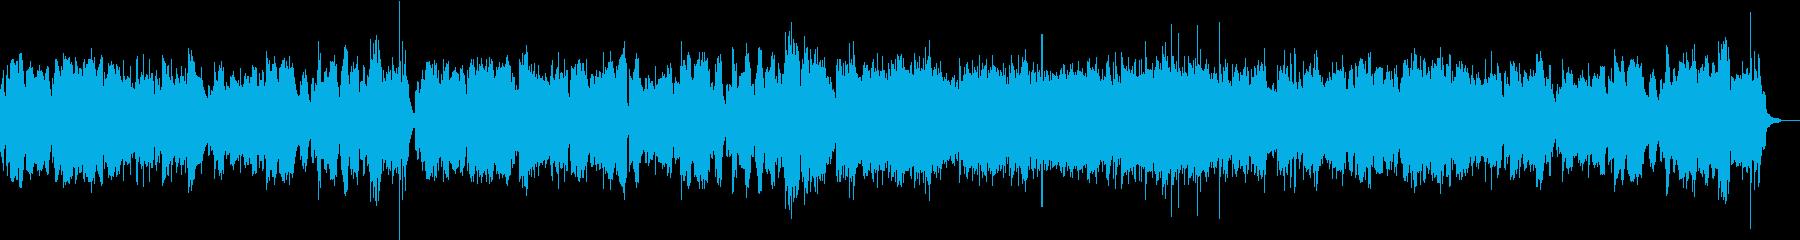 情景的なヴァイオリンとピアノの再生済みの波形